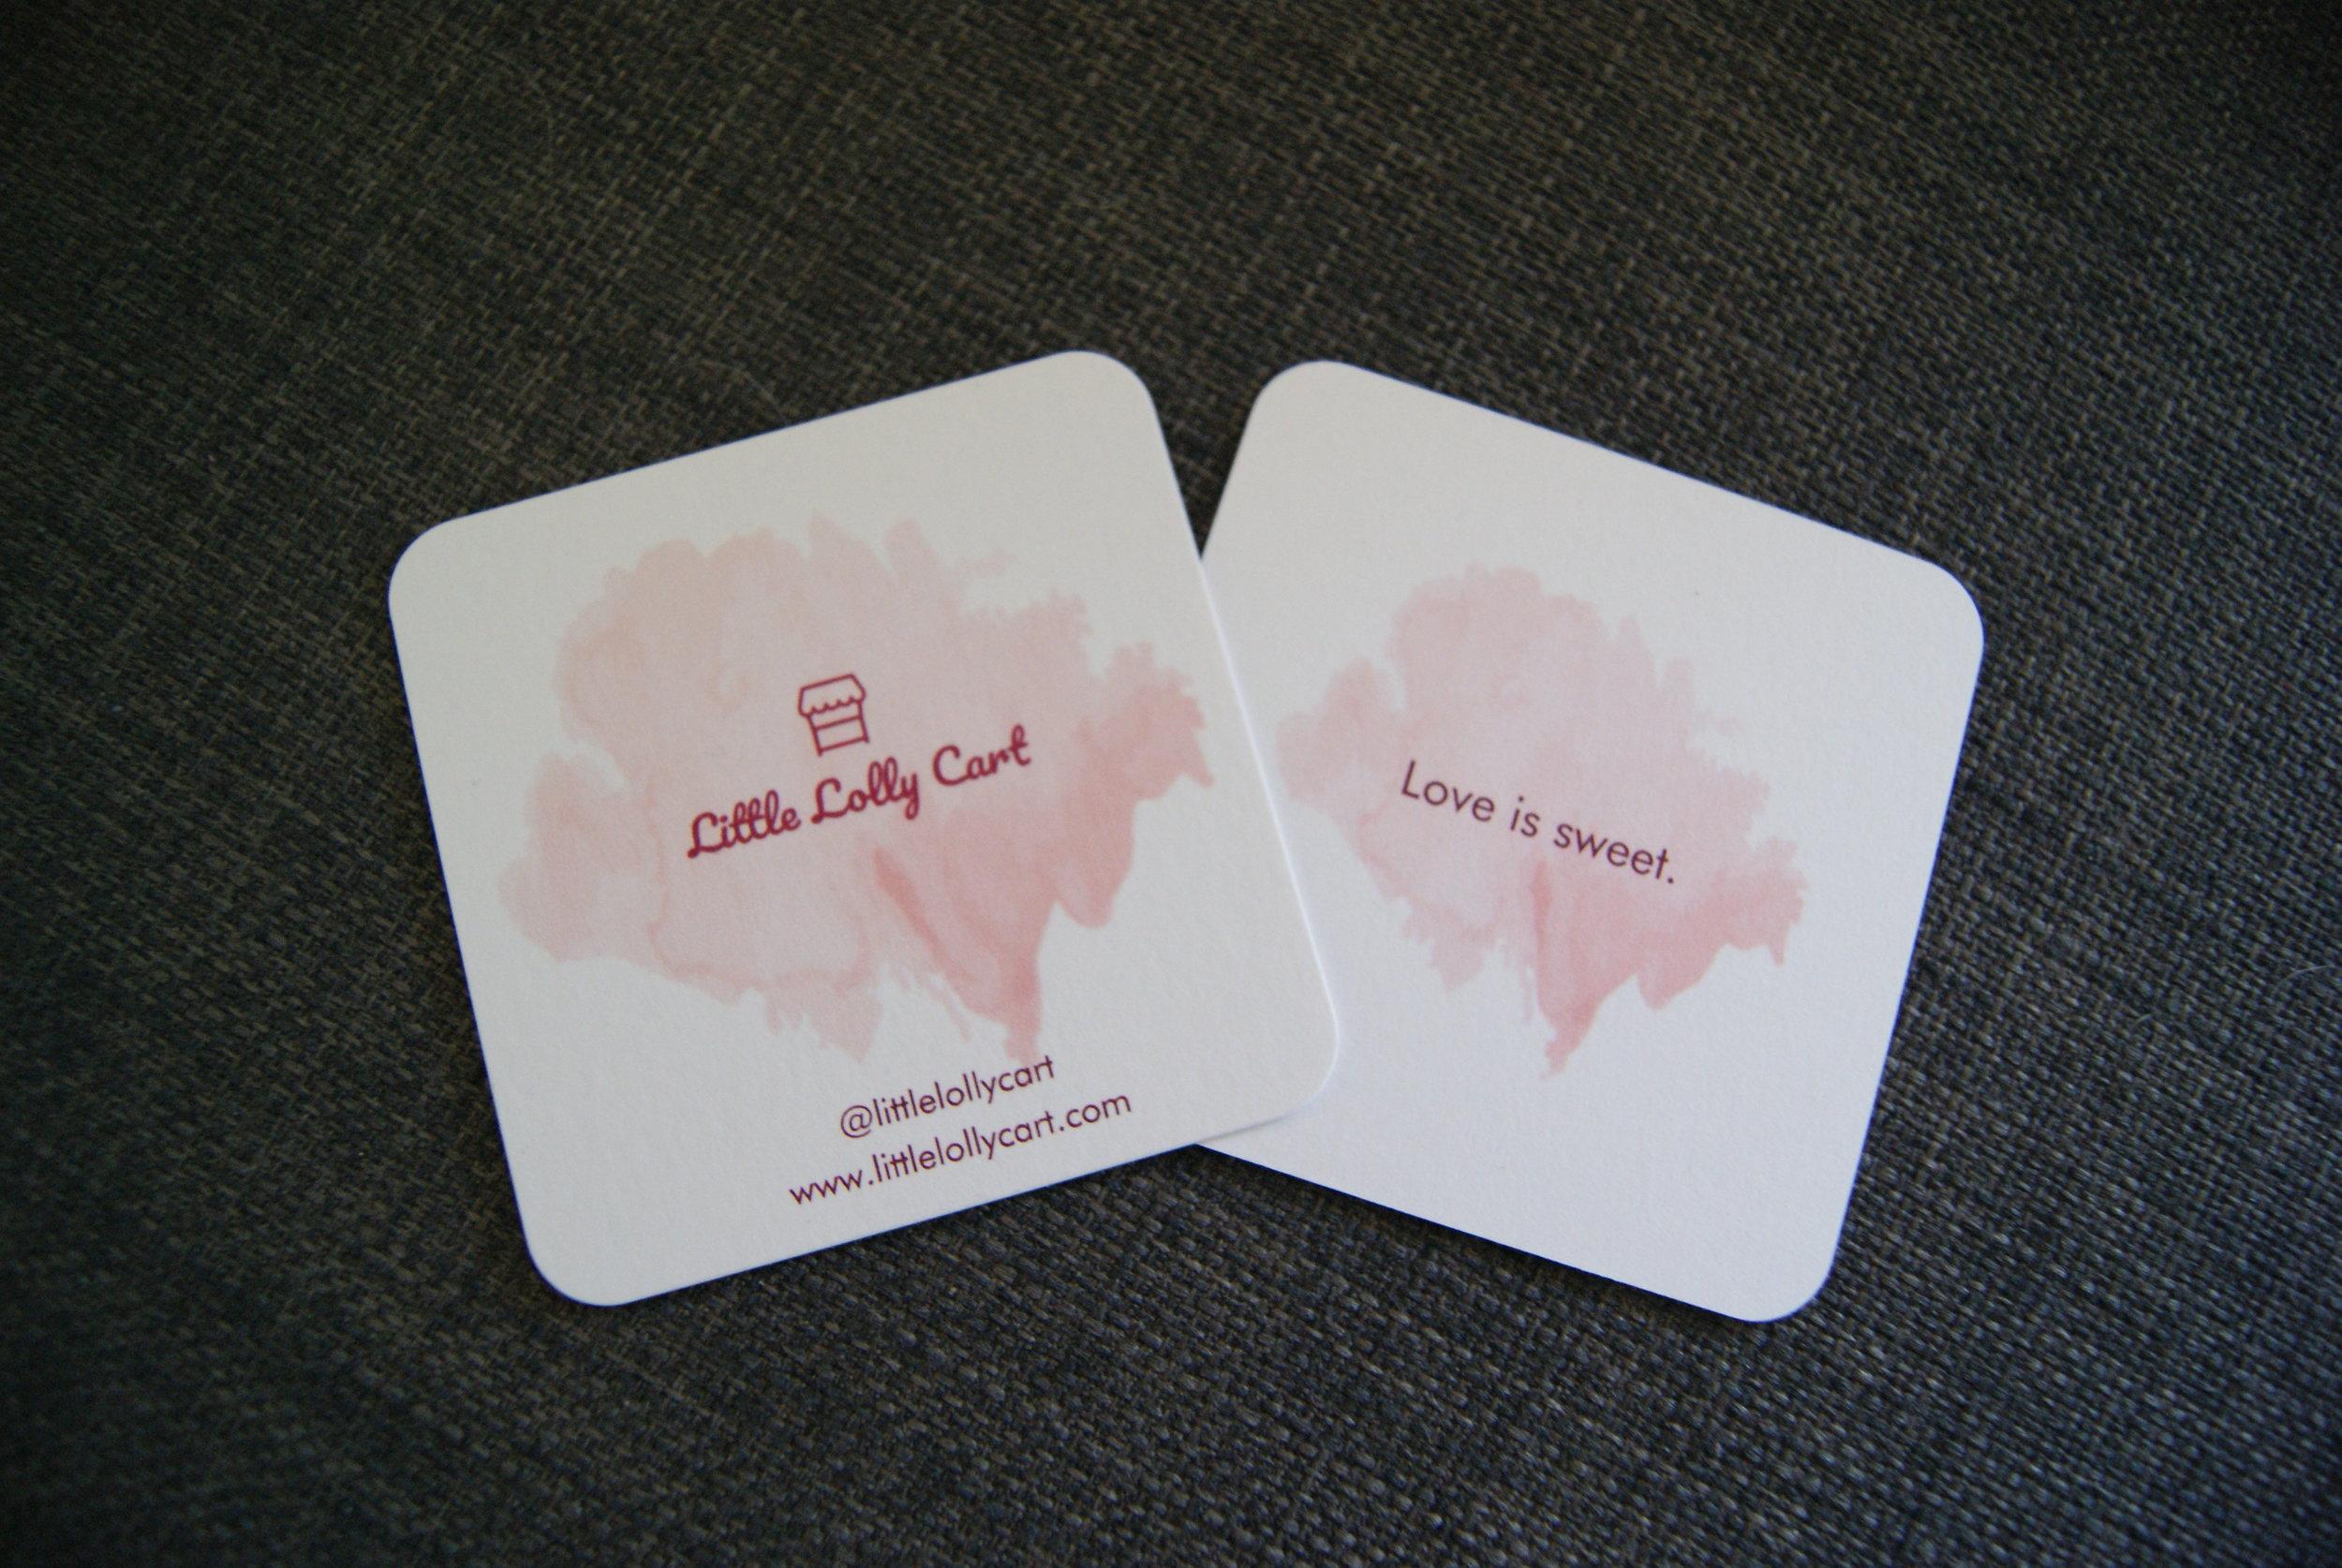 littlelollycartbusinesscard.JPG